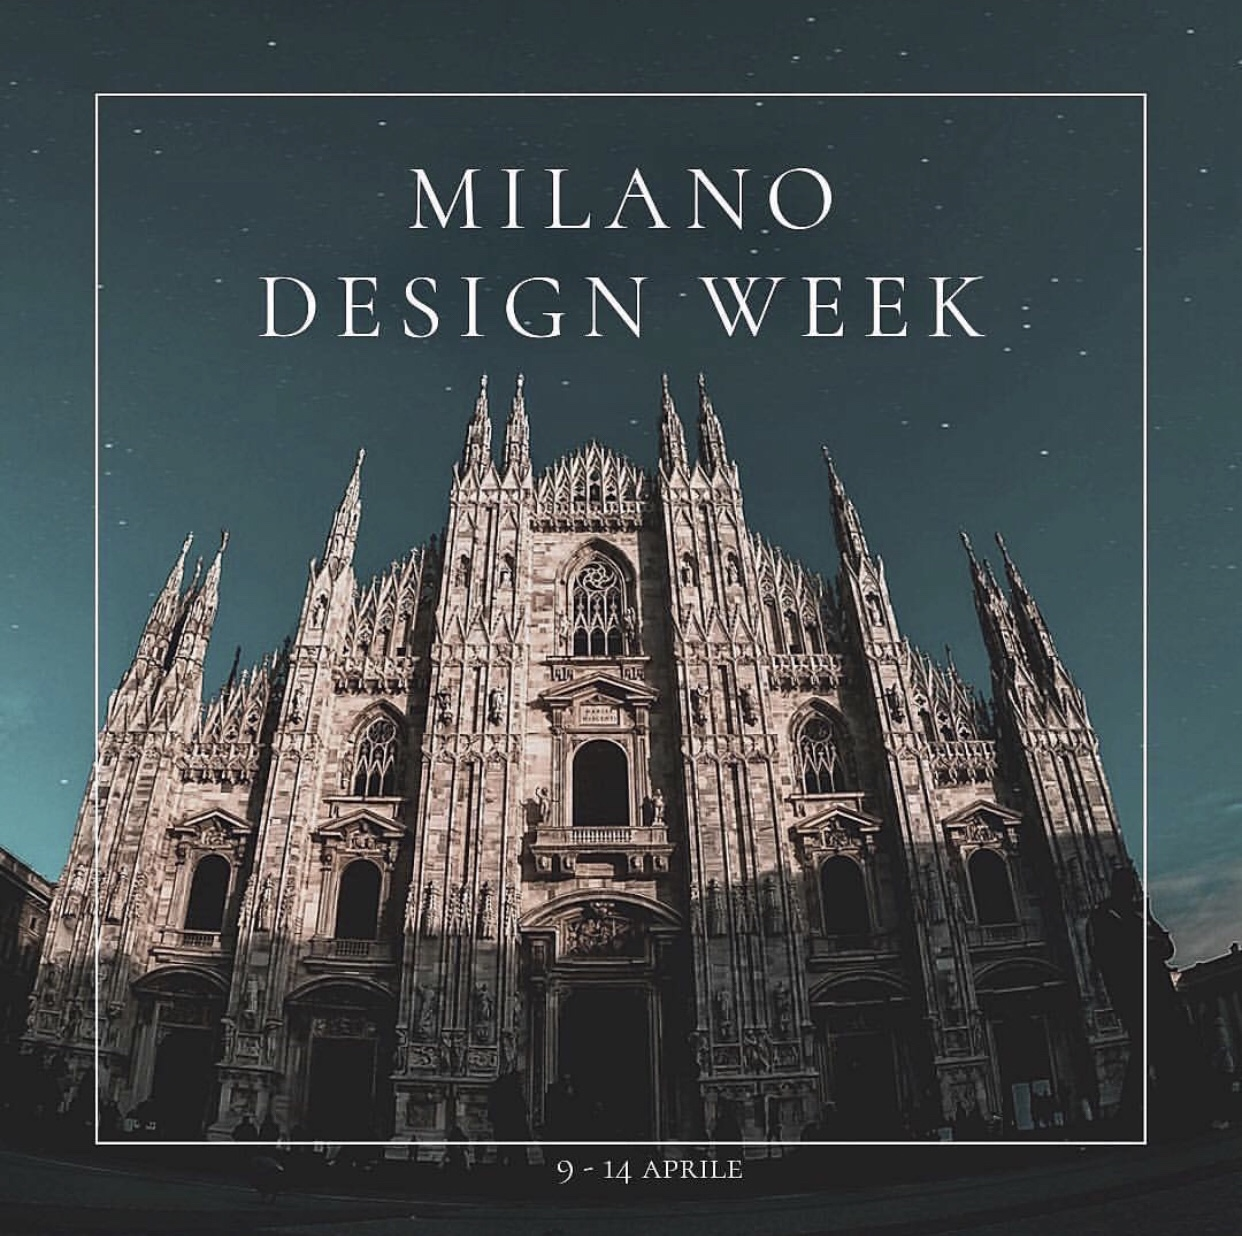 Image courtesy of MilanoDesignWeek.org.